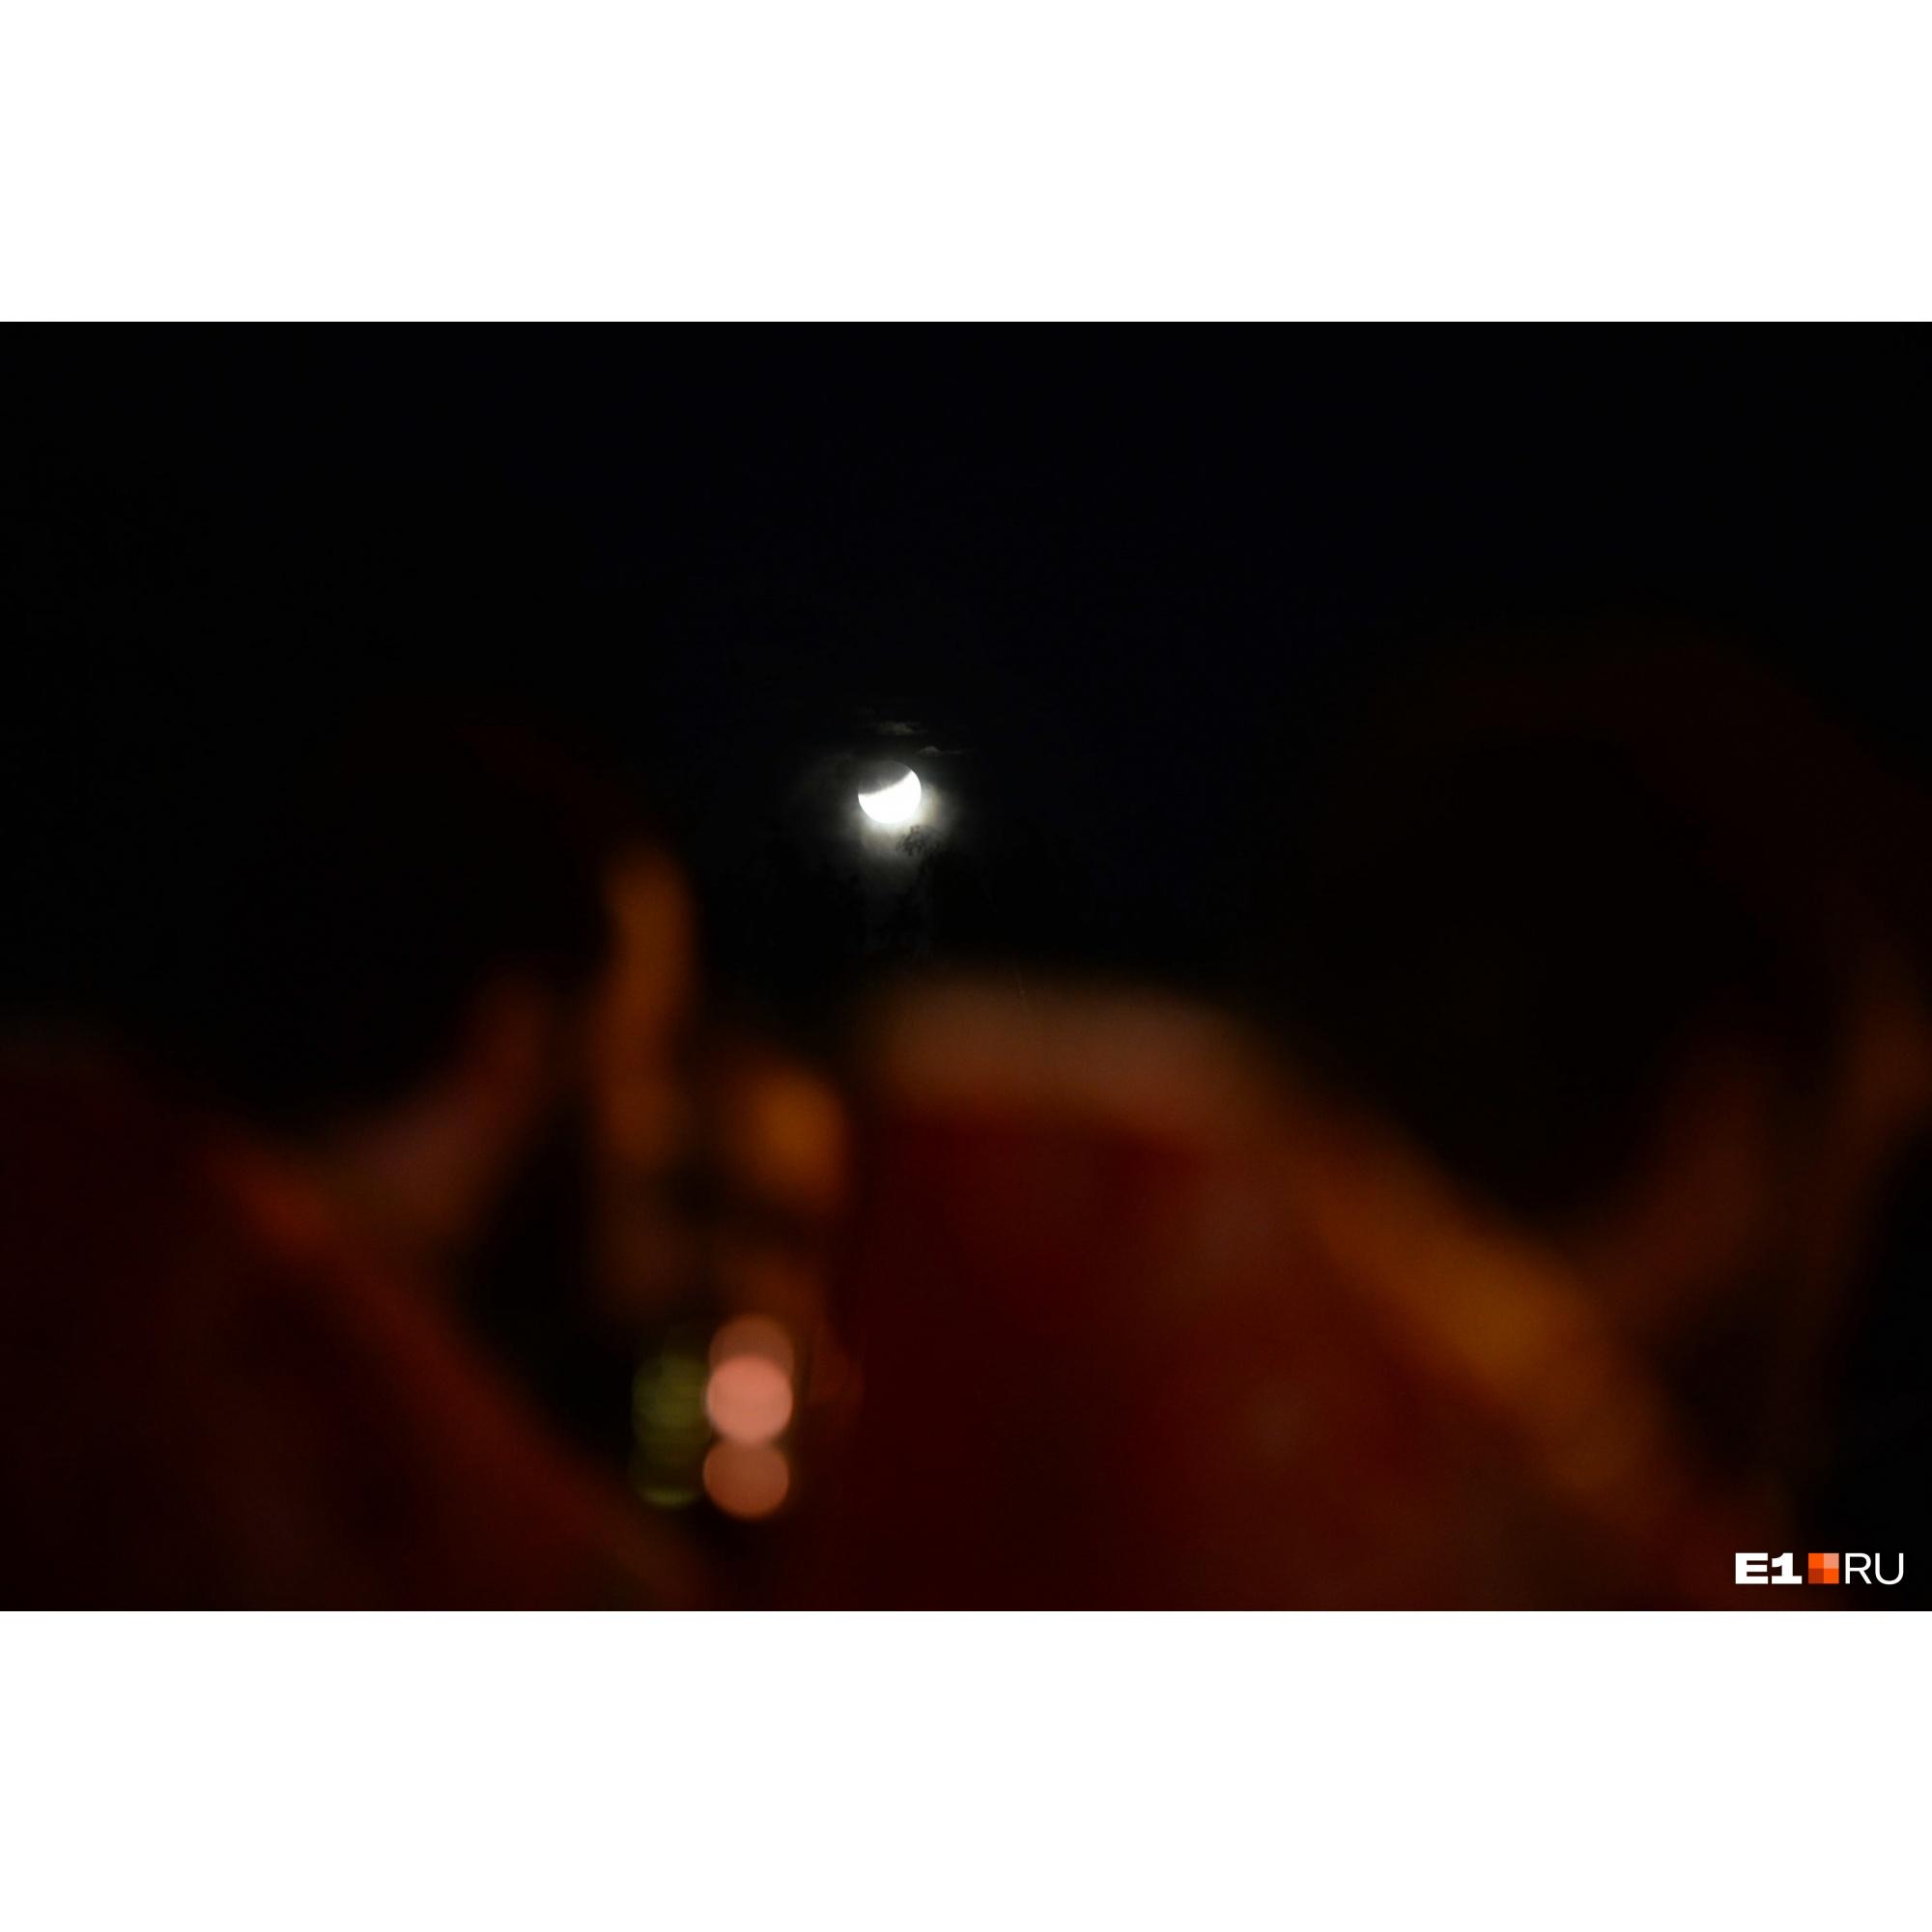 Лунное затмение за спинами священнослужителей: в Екатеринбурге этой ночью прошел крестный ход в память царской семьи